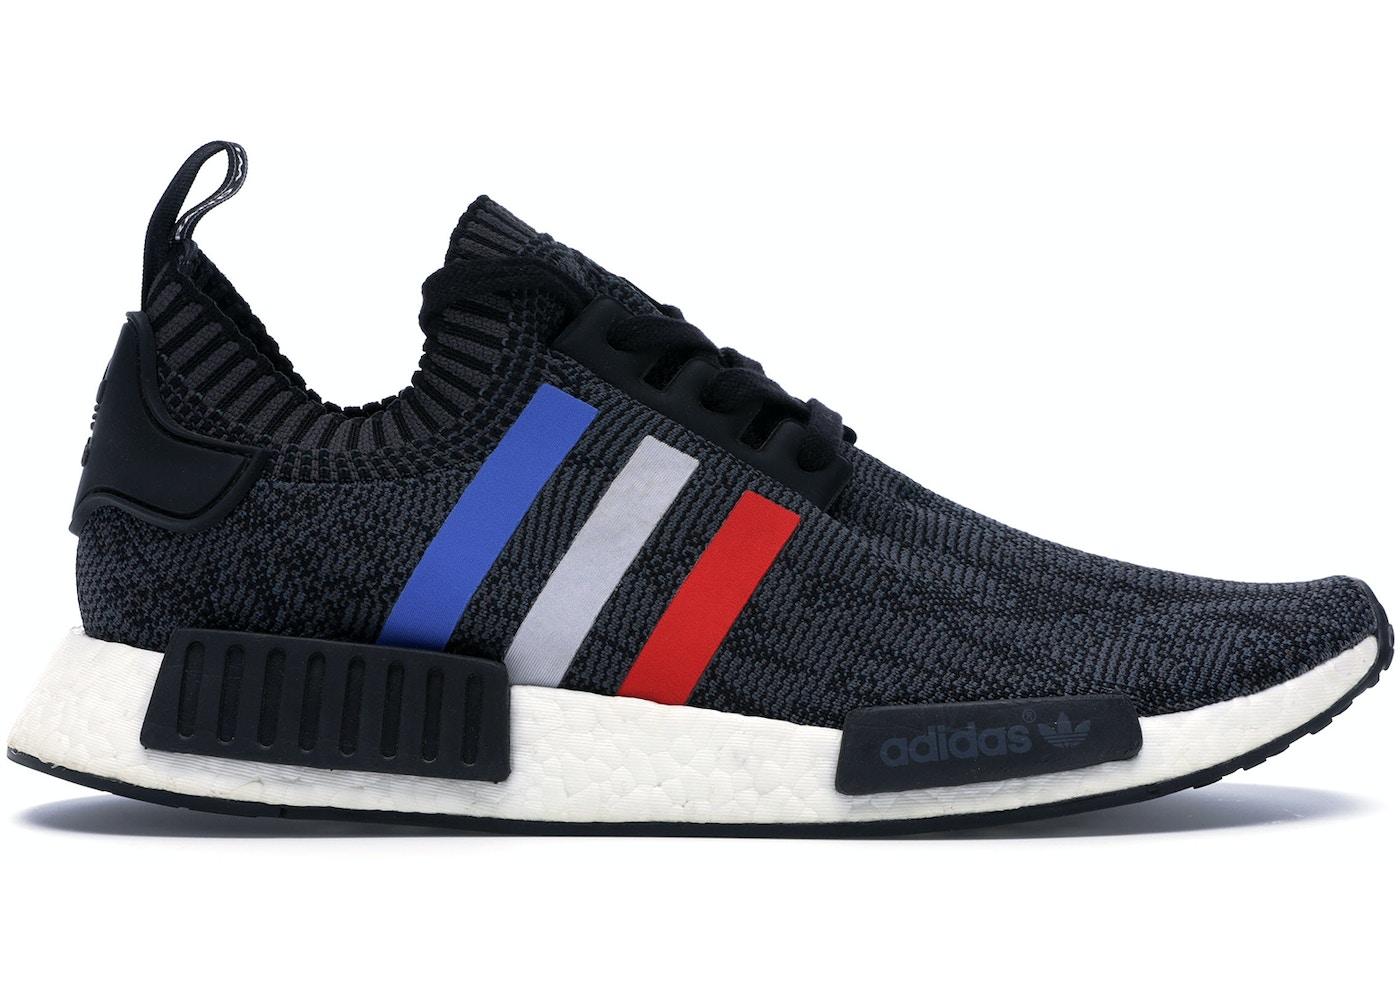 Adidas Nmd R1 Tri Color Stripes Black Bb2887